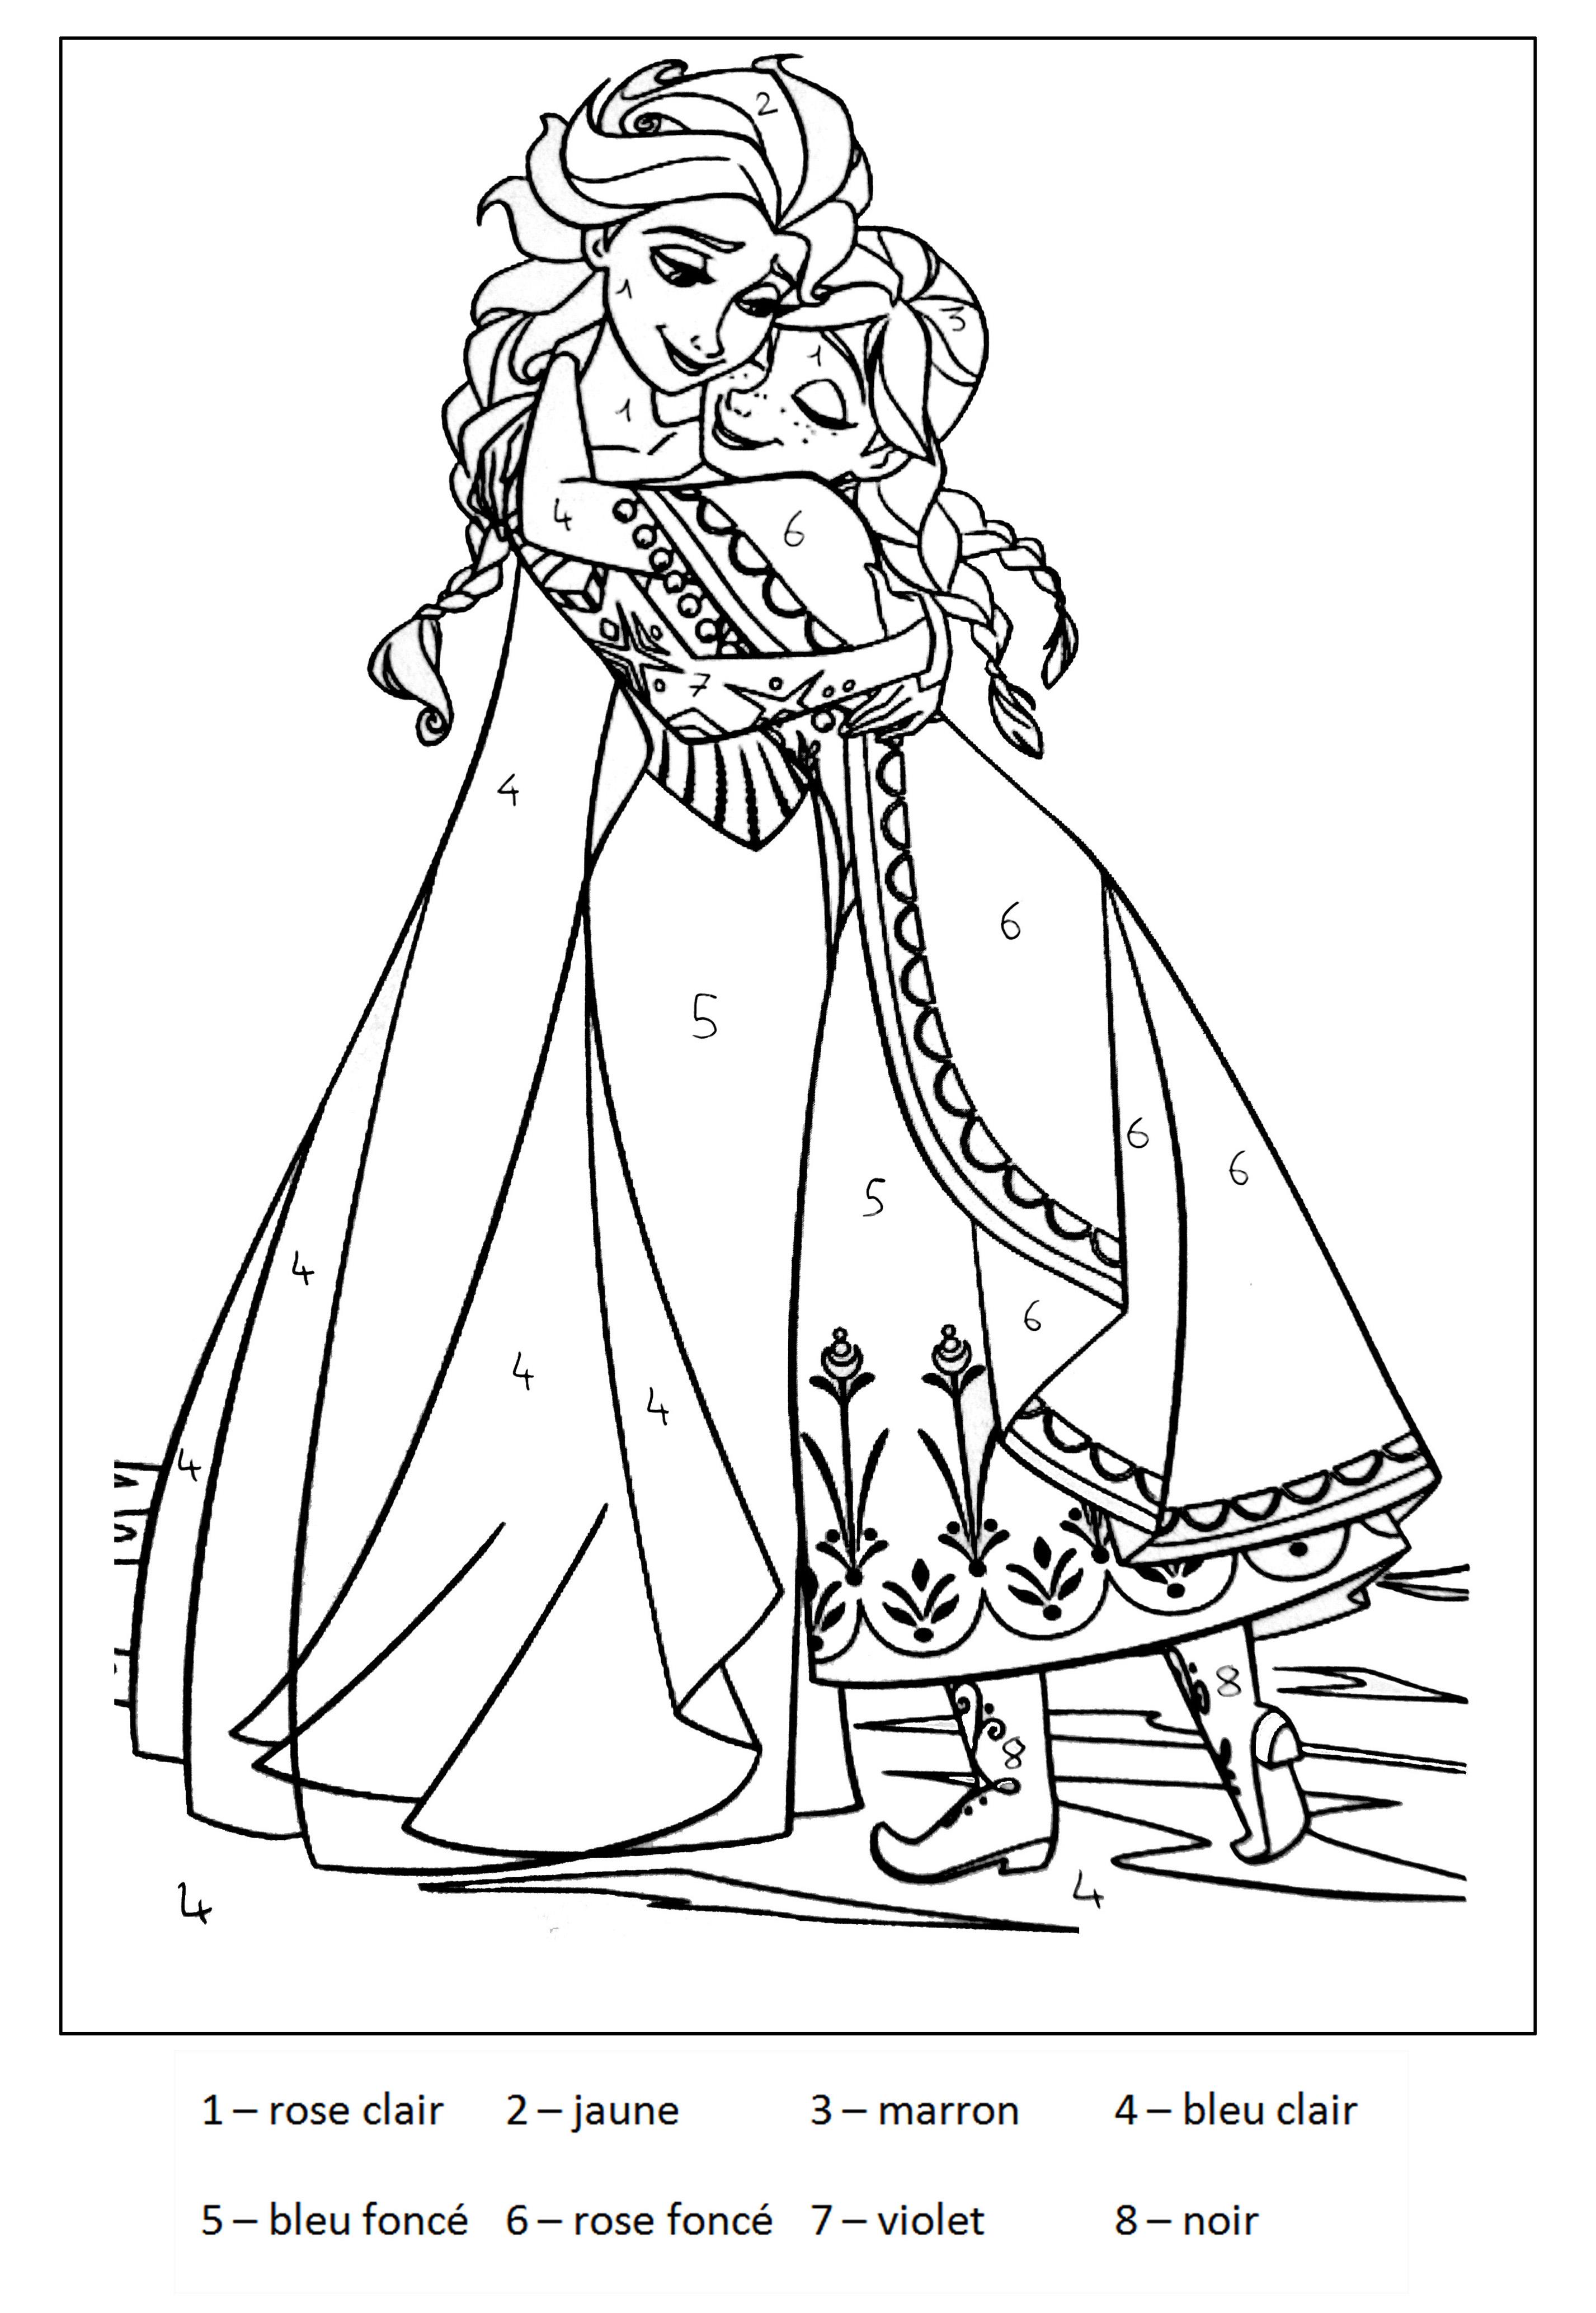 144 Dessins De Coloriage Reine Des Neiges À Imprimer Sur à Dessin A Imprimer Reine Des Neiges